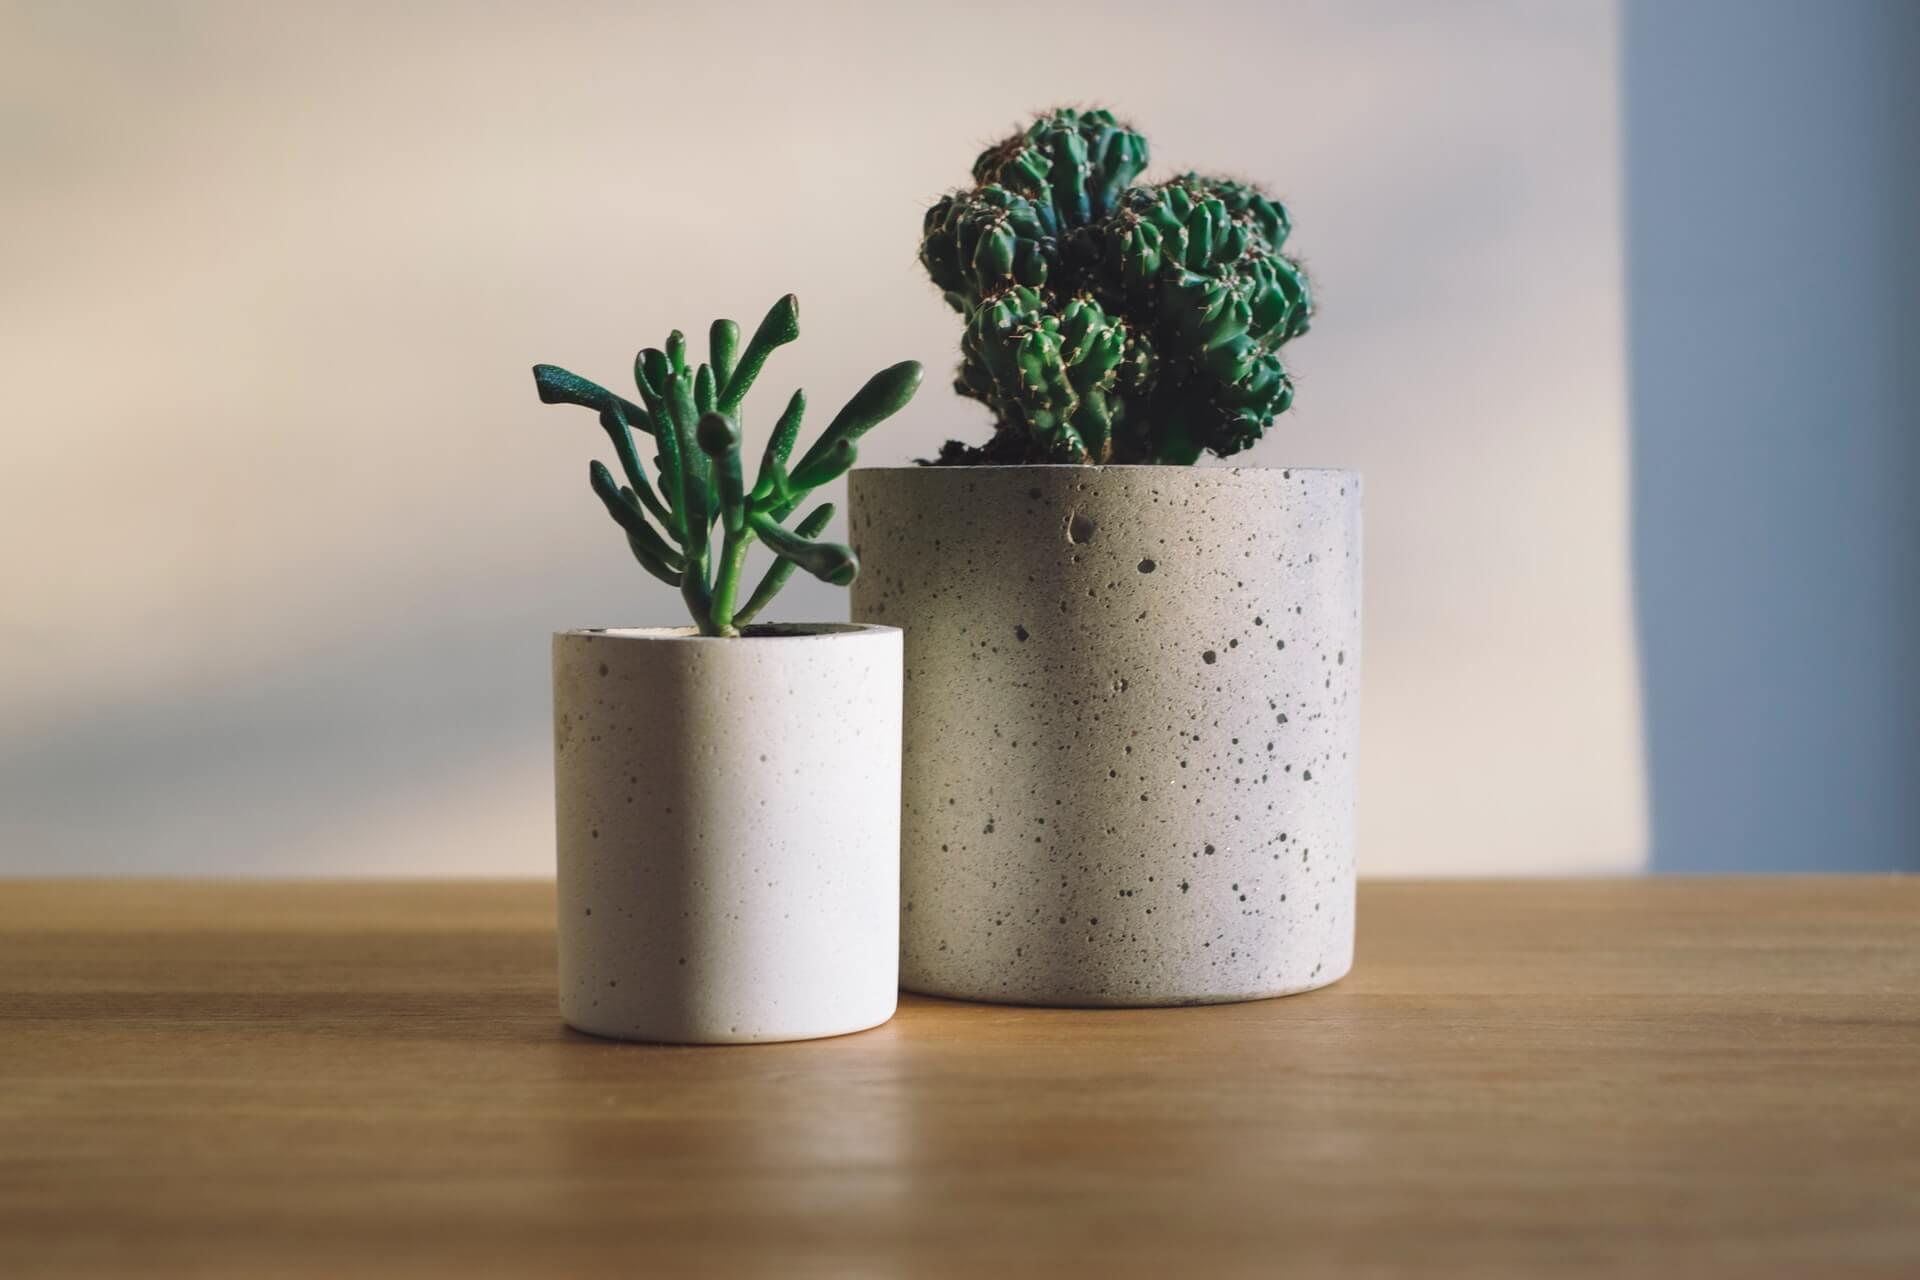 リビングに置く観葉植物の選び方は?特徴別におすすめを紹介